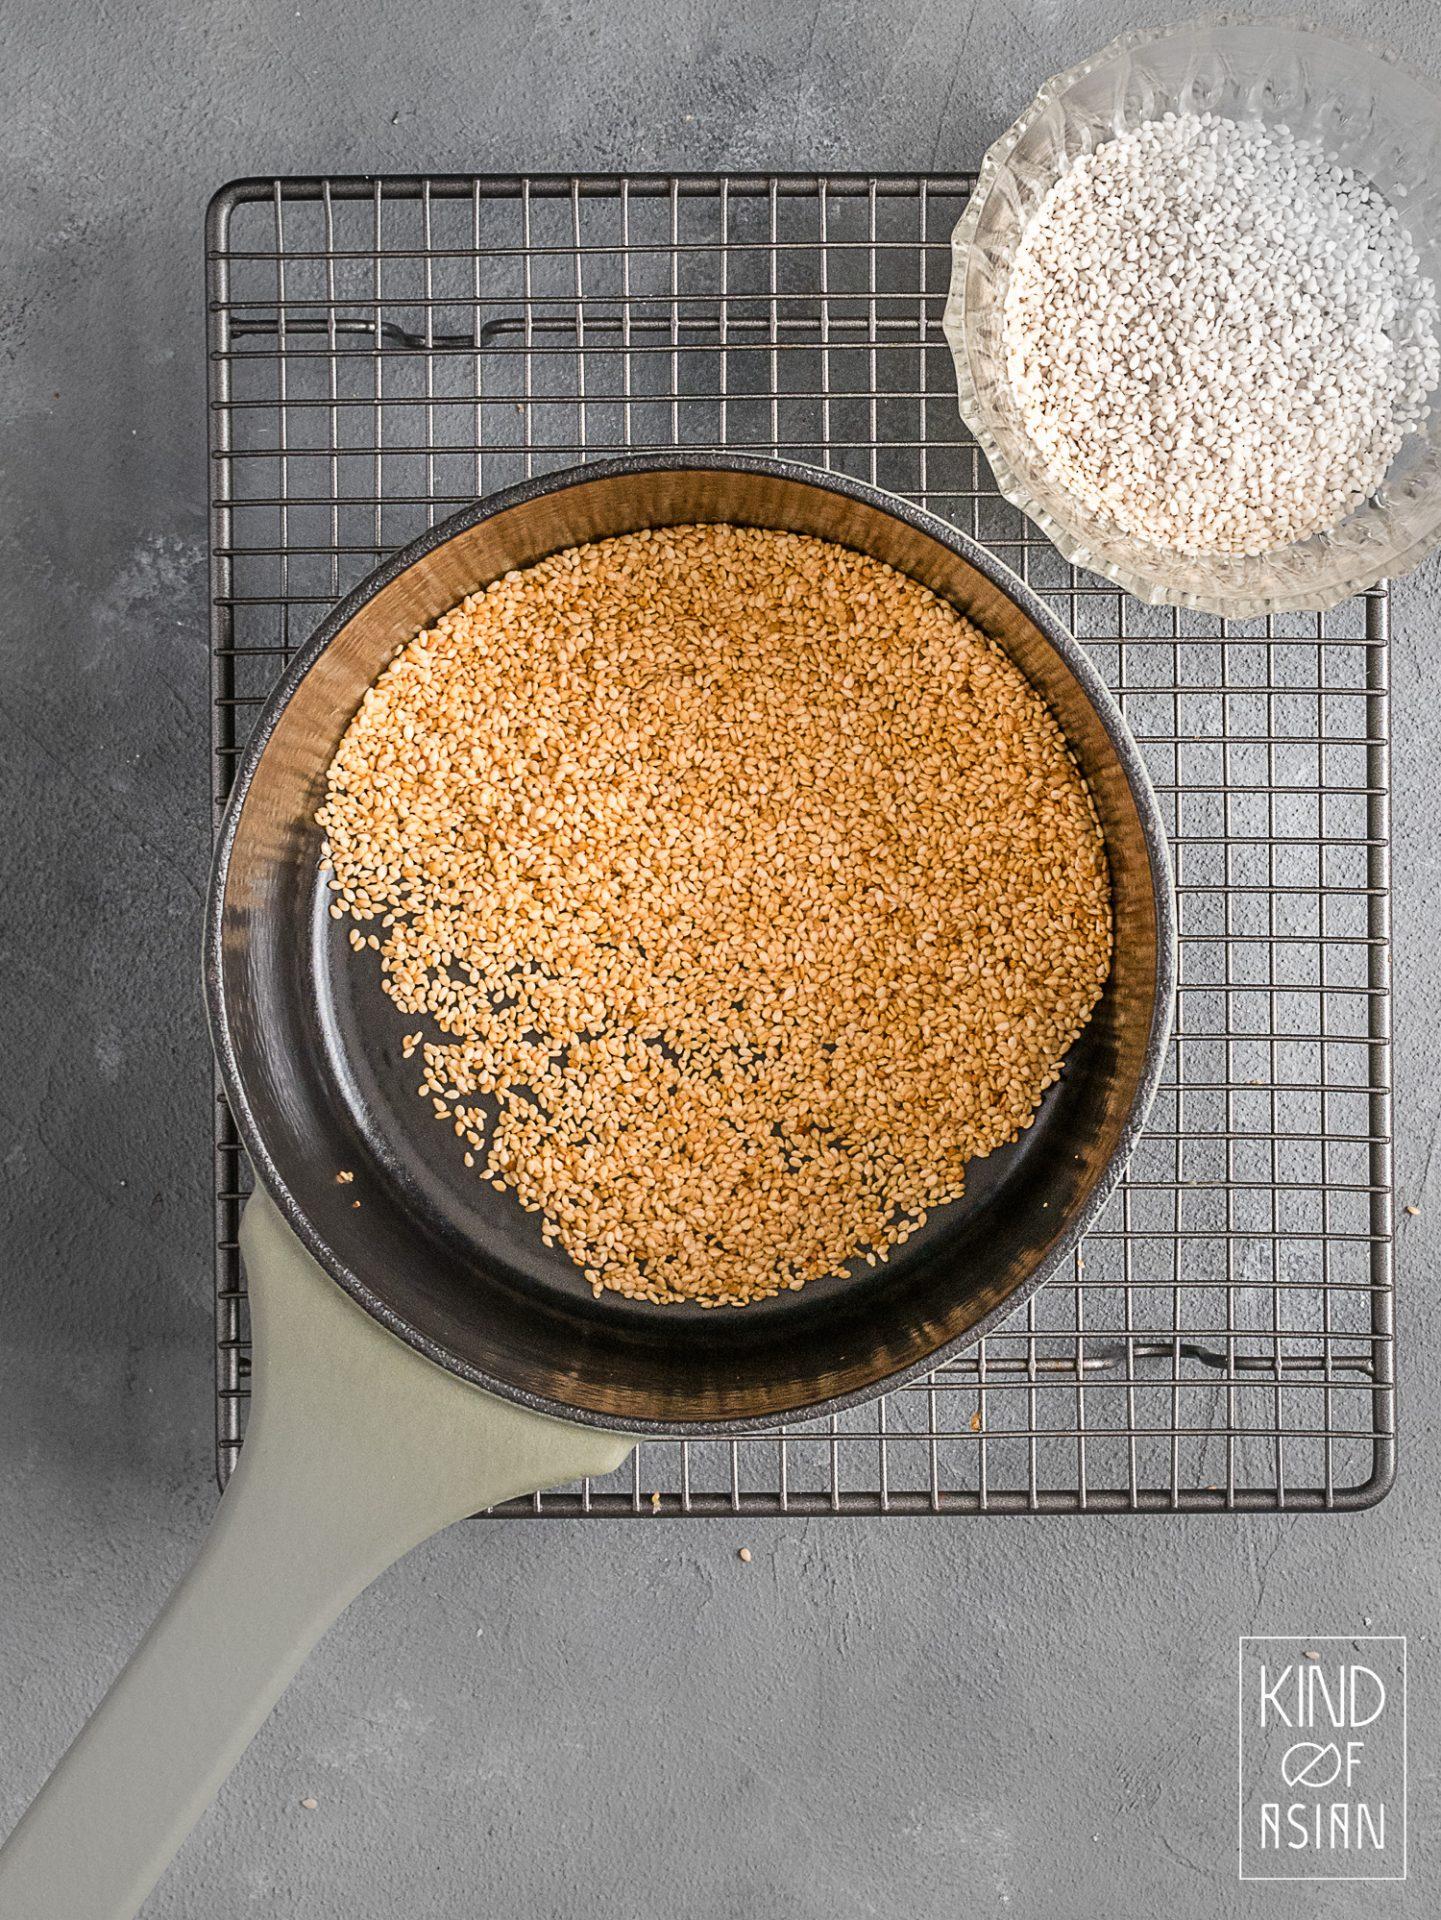 Voor veel Koreaanse, Chinese en Japanse recepten is geroosterde sesam een belangrijk ingredient. Lees hier hoe je het beste sesam kan roosteren voor de beste smaak.